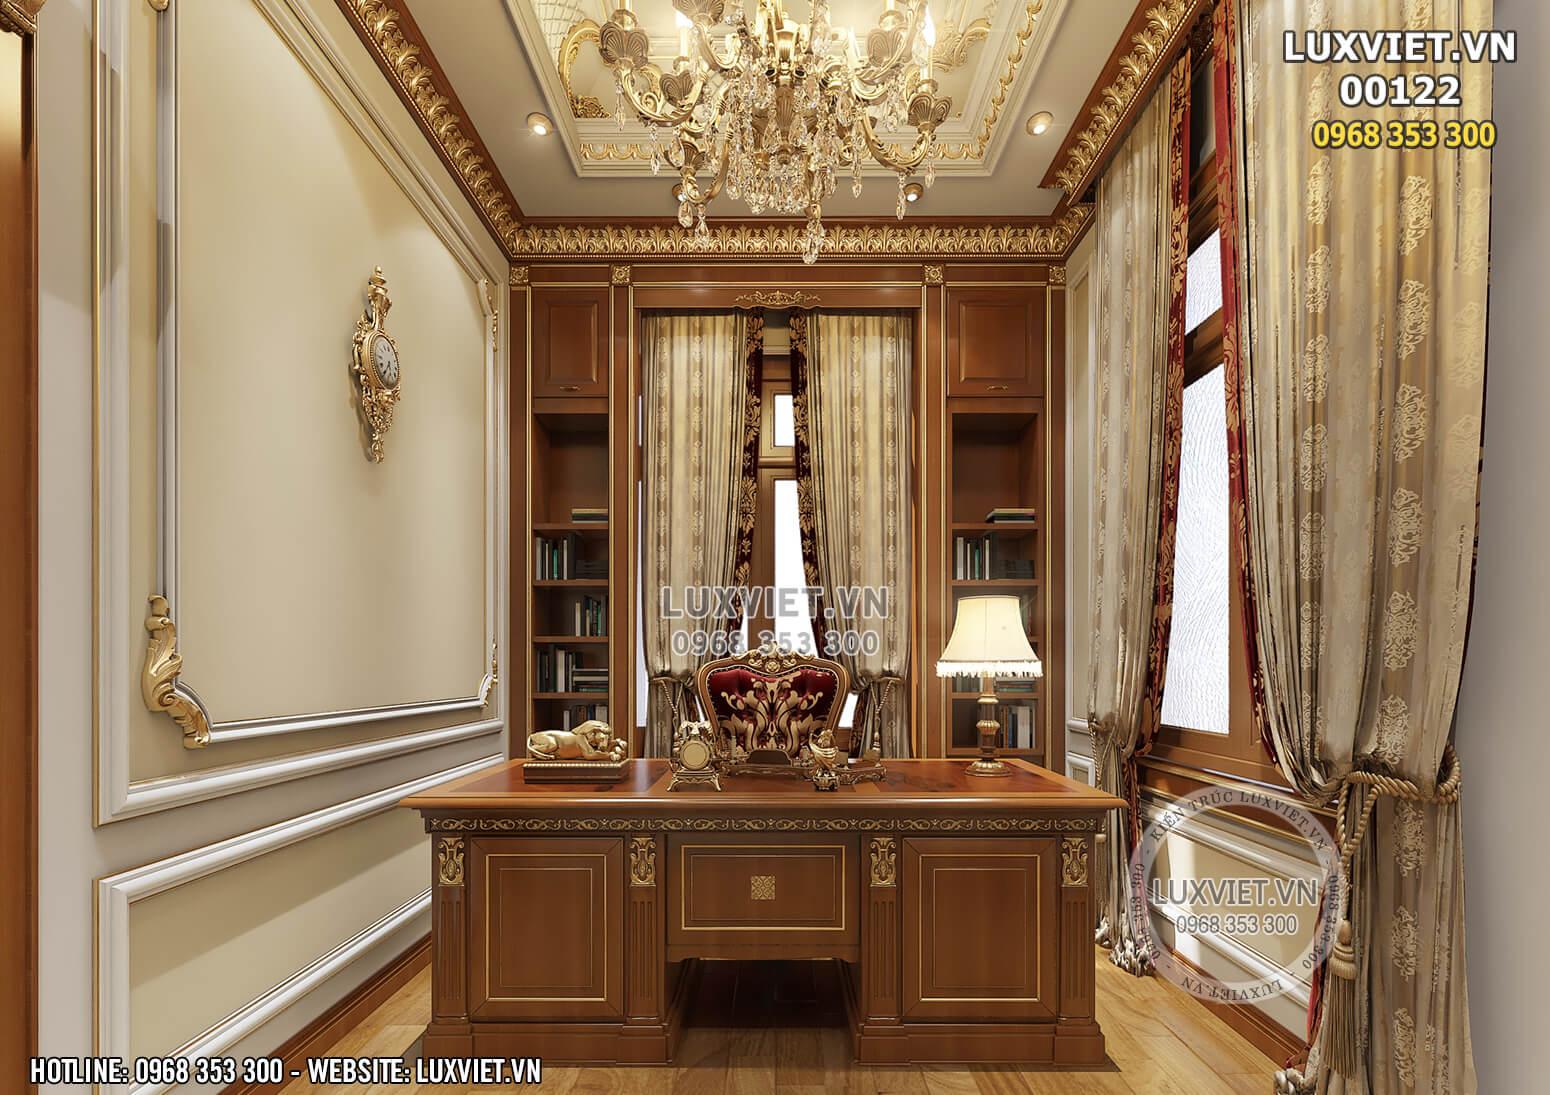 Hình ảnh: Phòng làm việc tân cổ điển thu hút mọi ánh nhìn - LV 00122